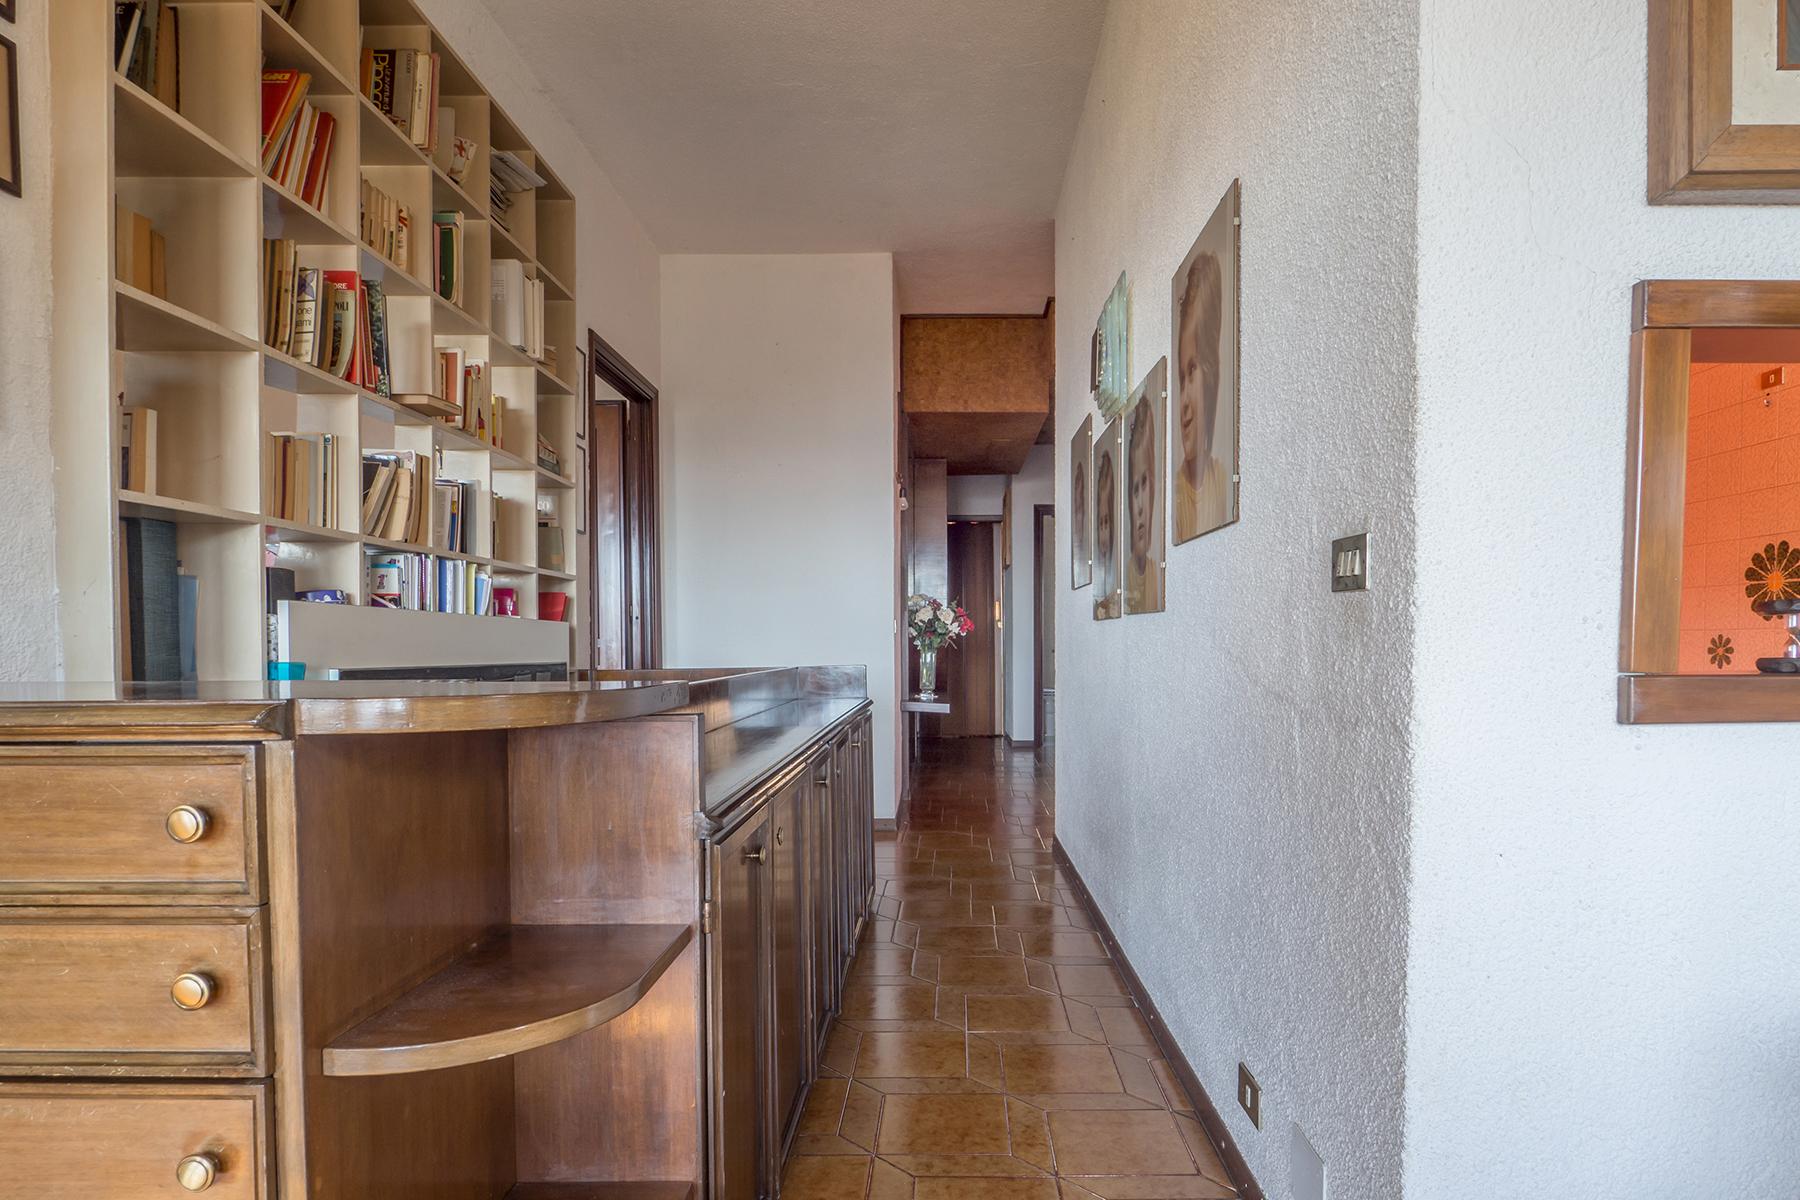 Casa indipendente in Vendita a Moncalieri: 5 locali, 310 mq - Foto 7